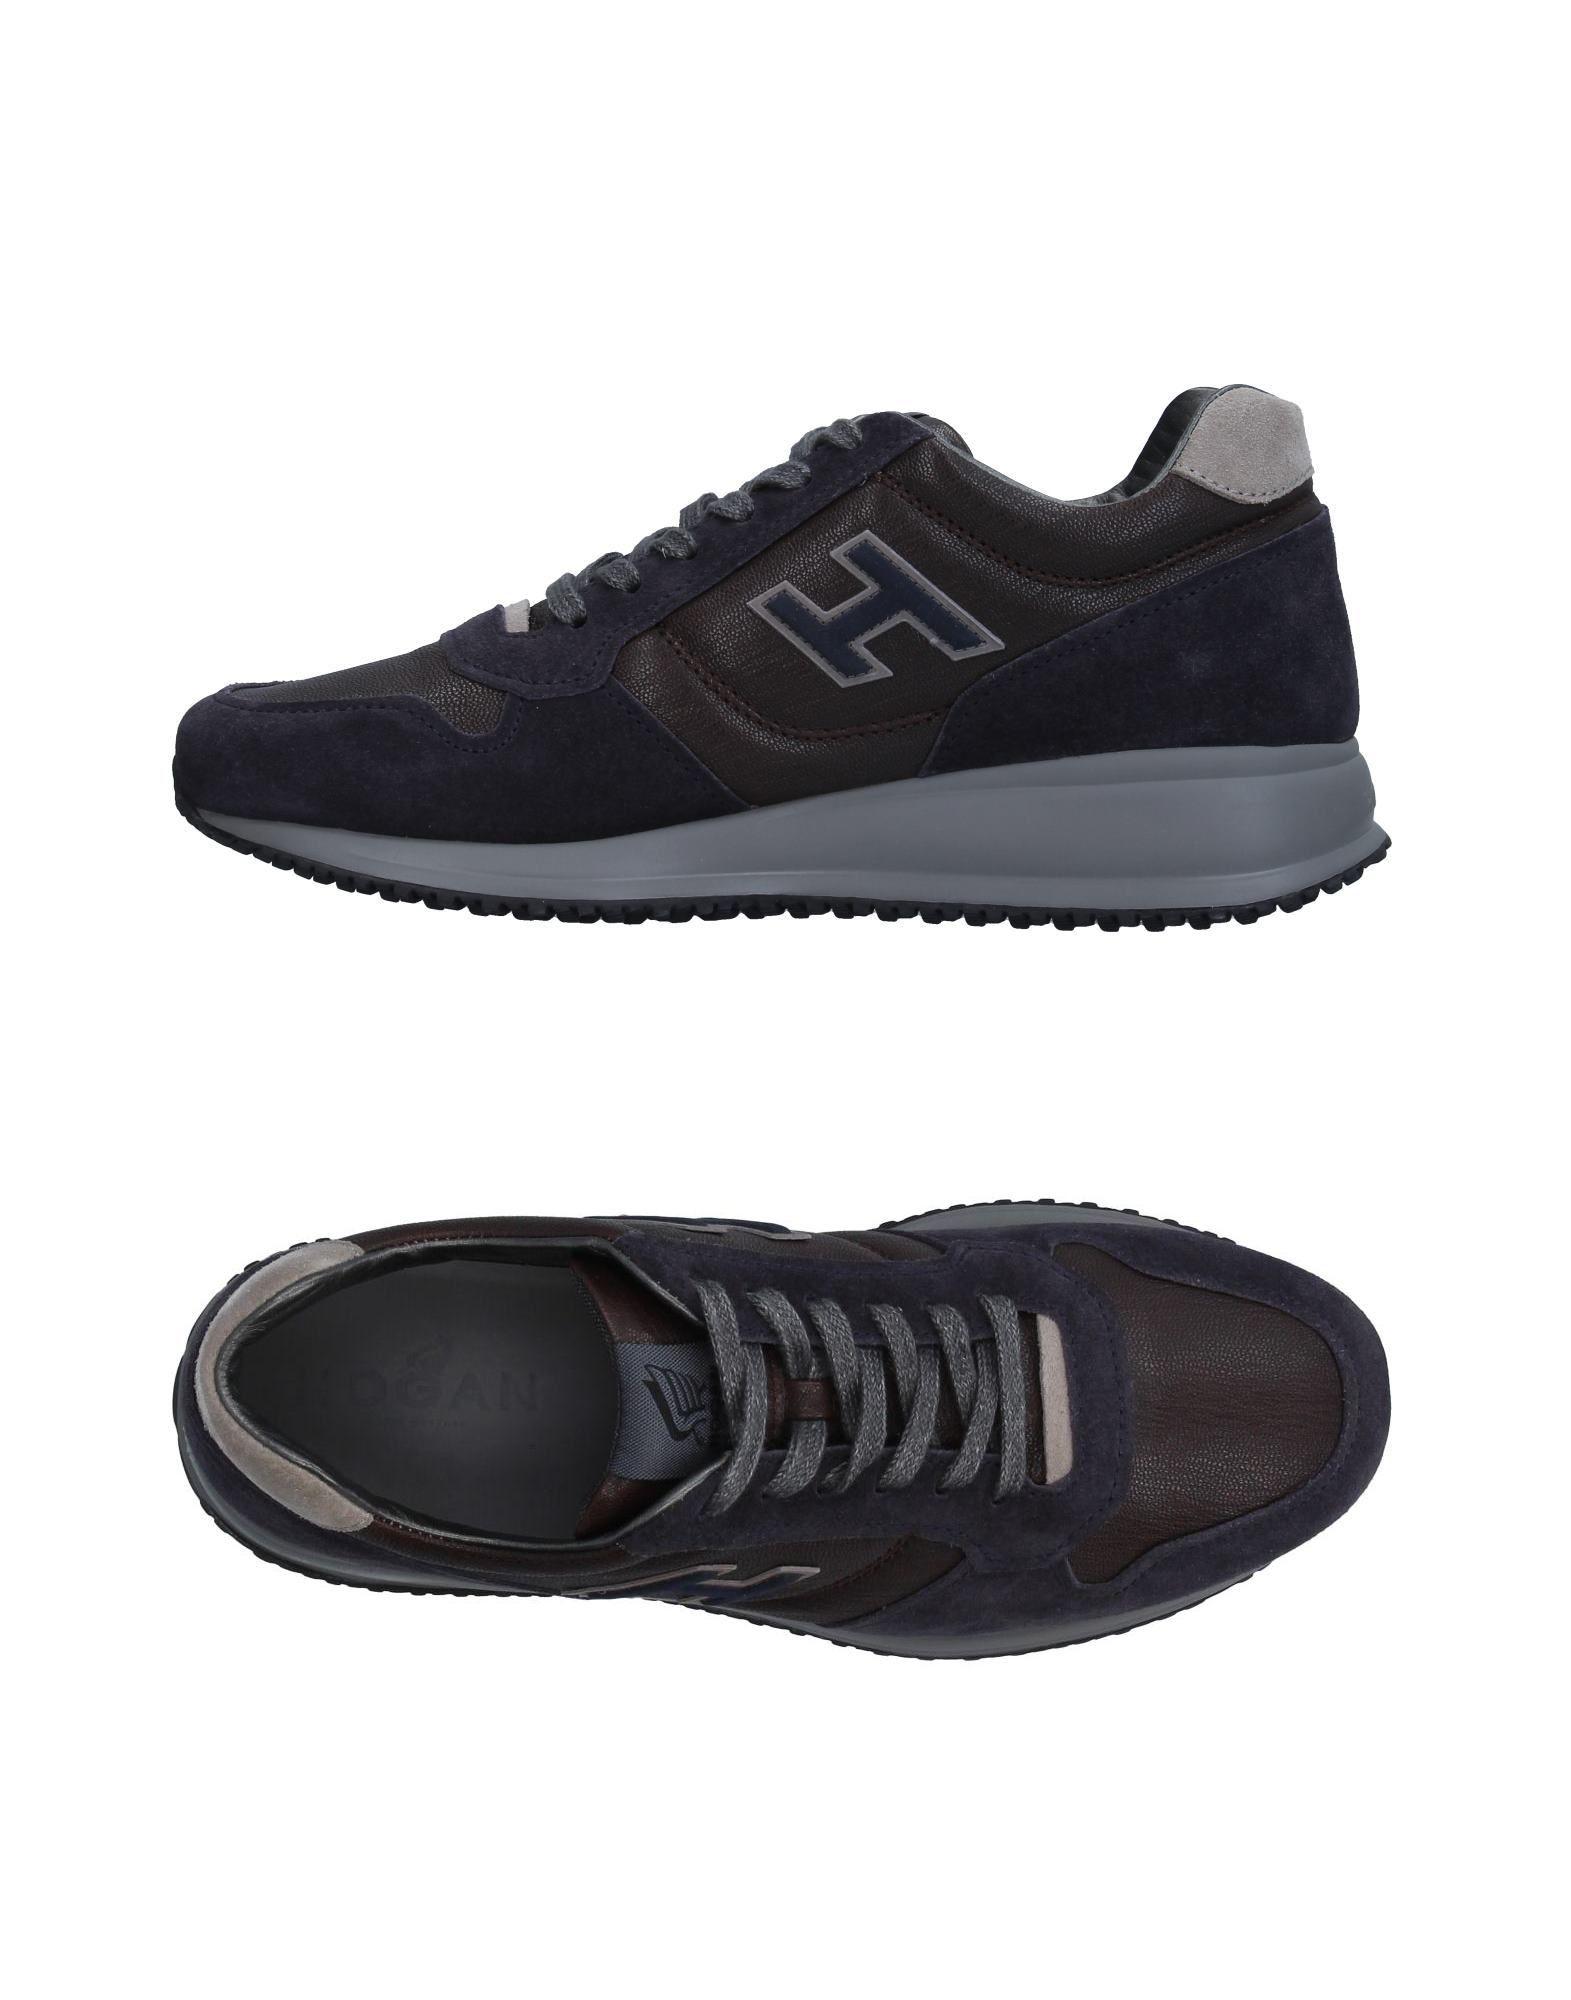 Hogan Sneakers Herren Qualität  11297017MB Gute Qualität Herren beliebte Schuhe 2411dc